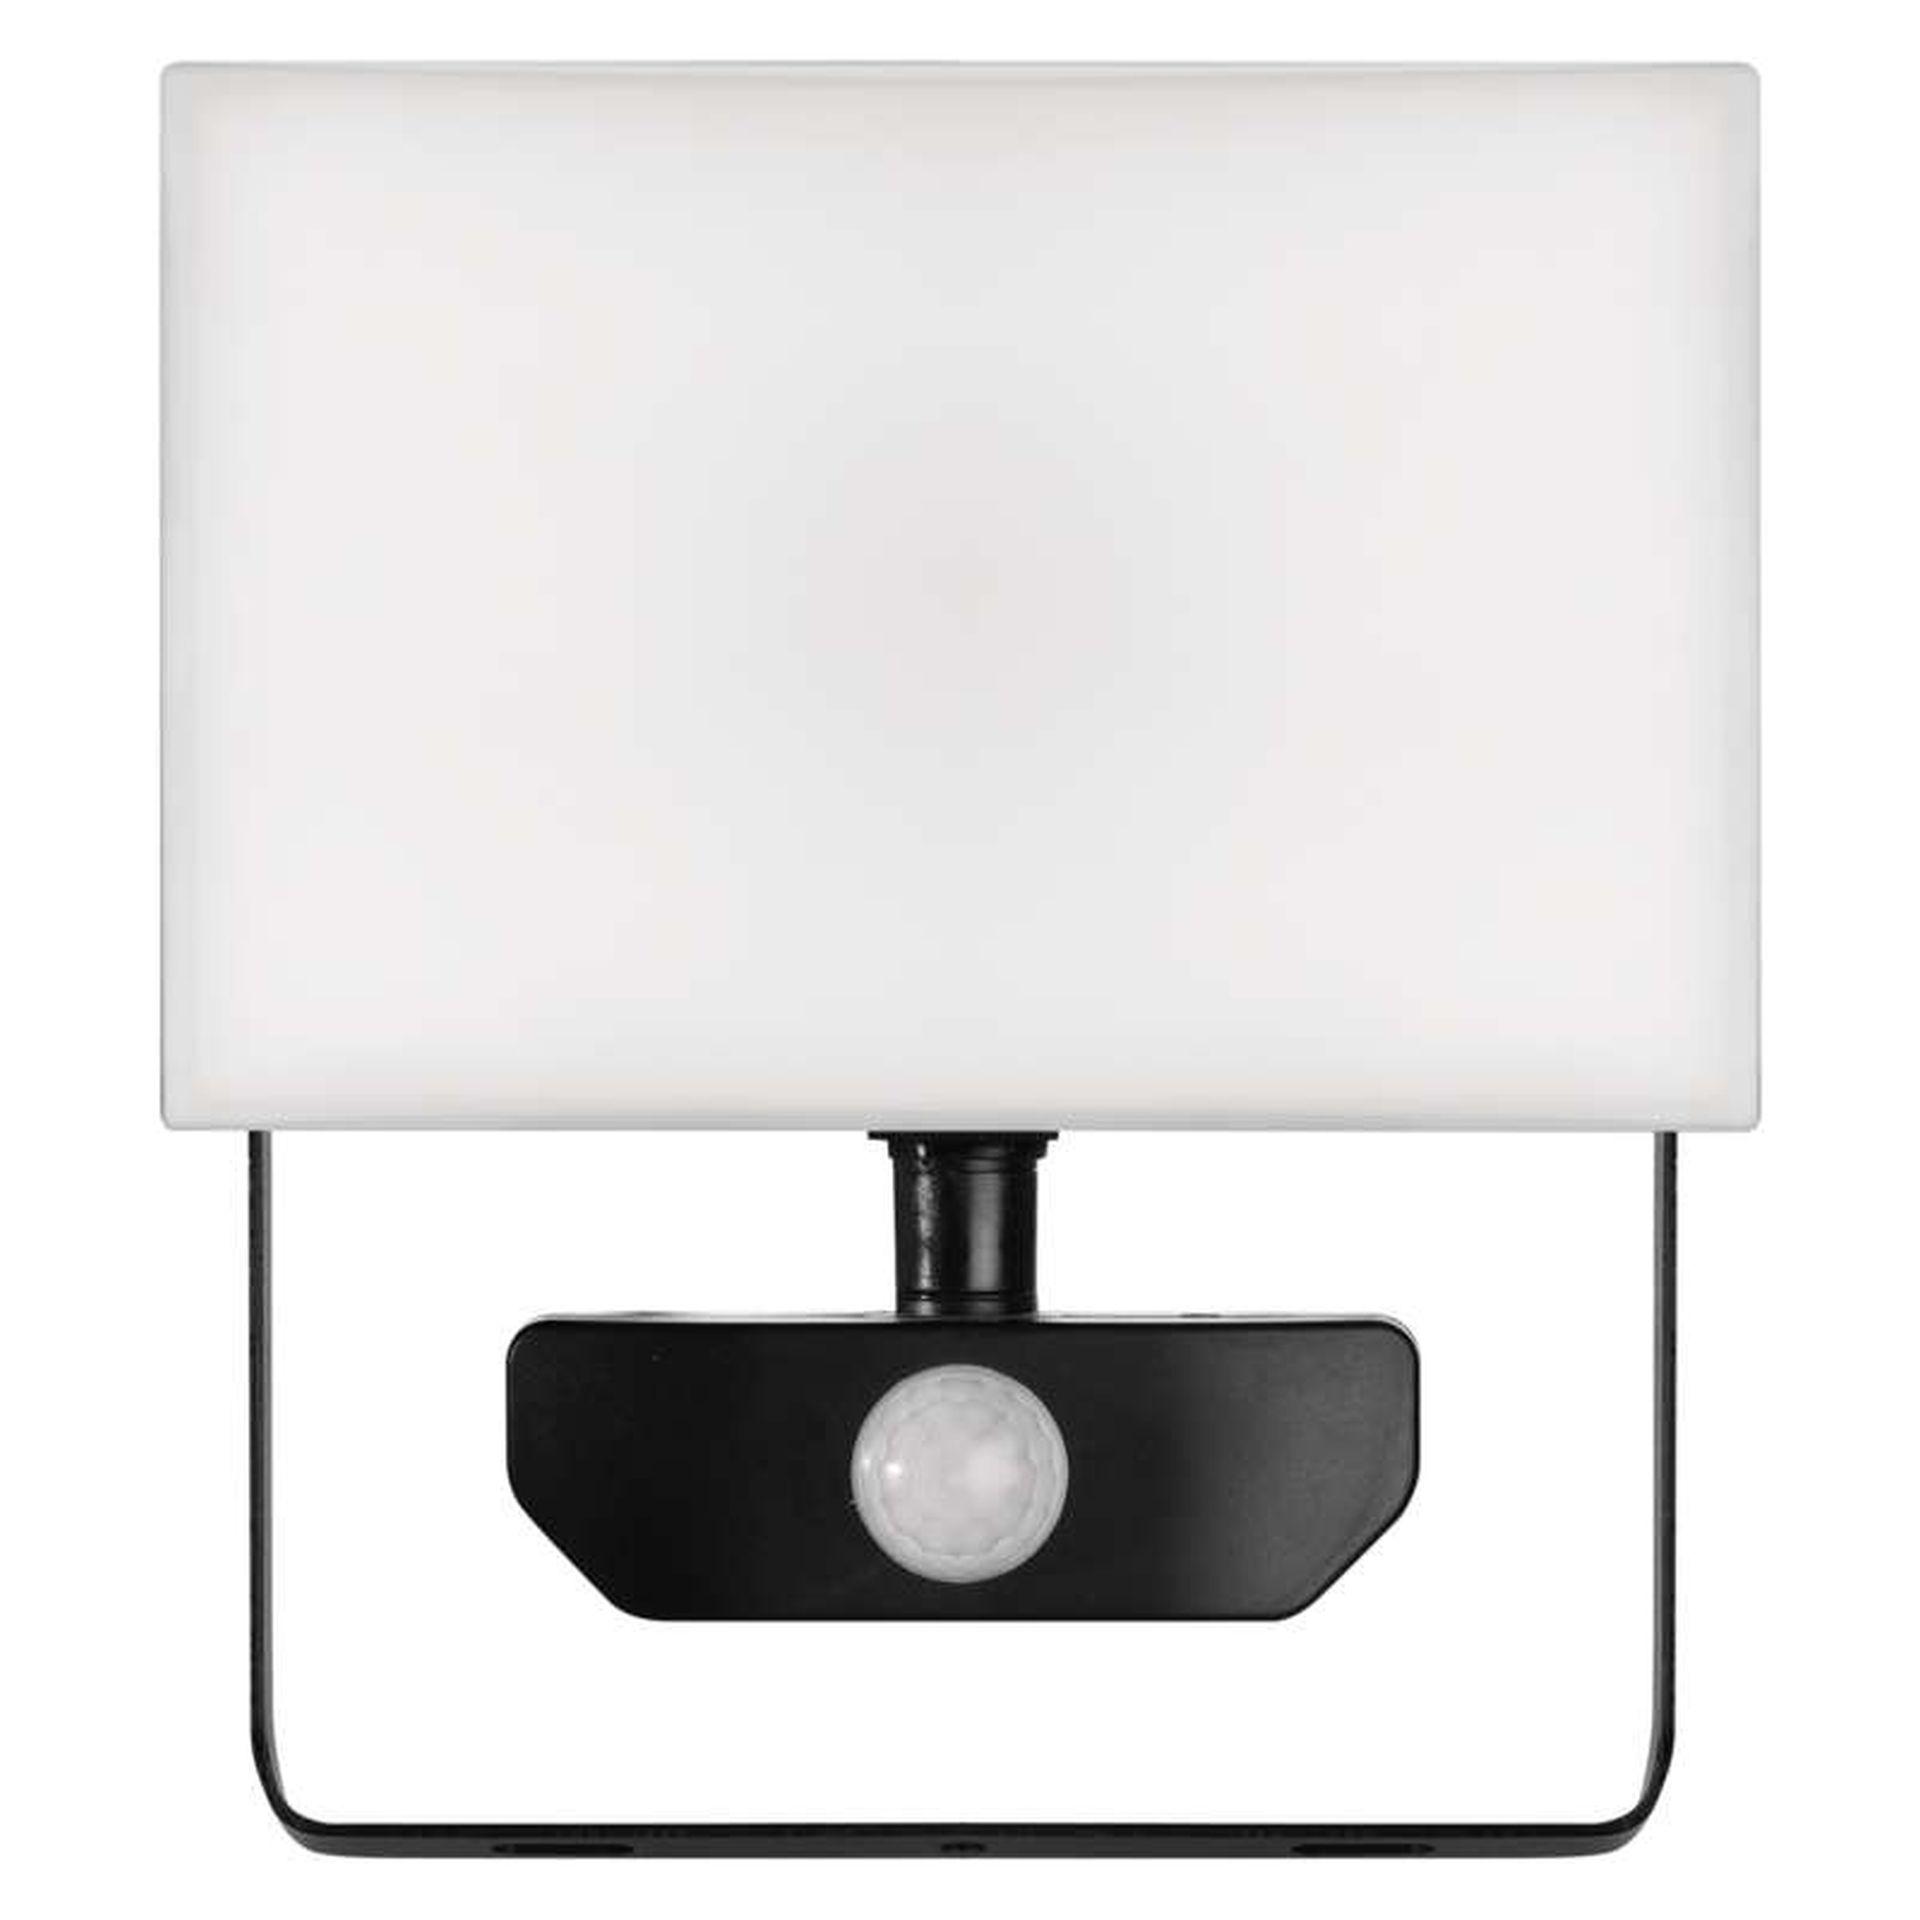 EMOS Bezrámečkový LED reflektor 50W s pohybovým čidlem